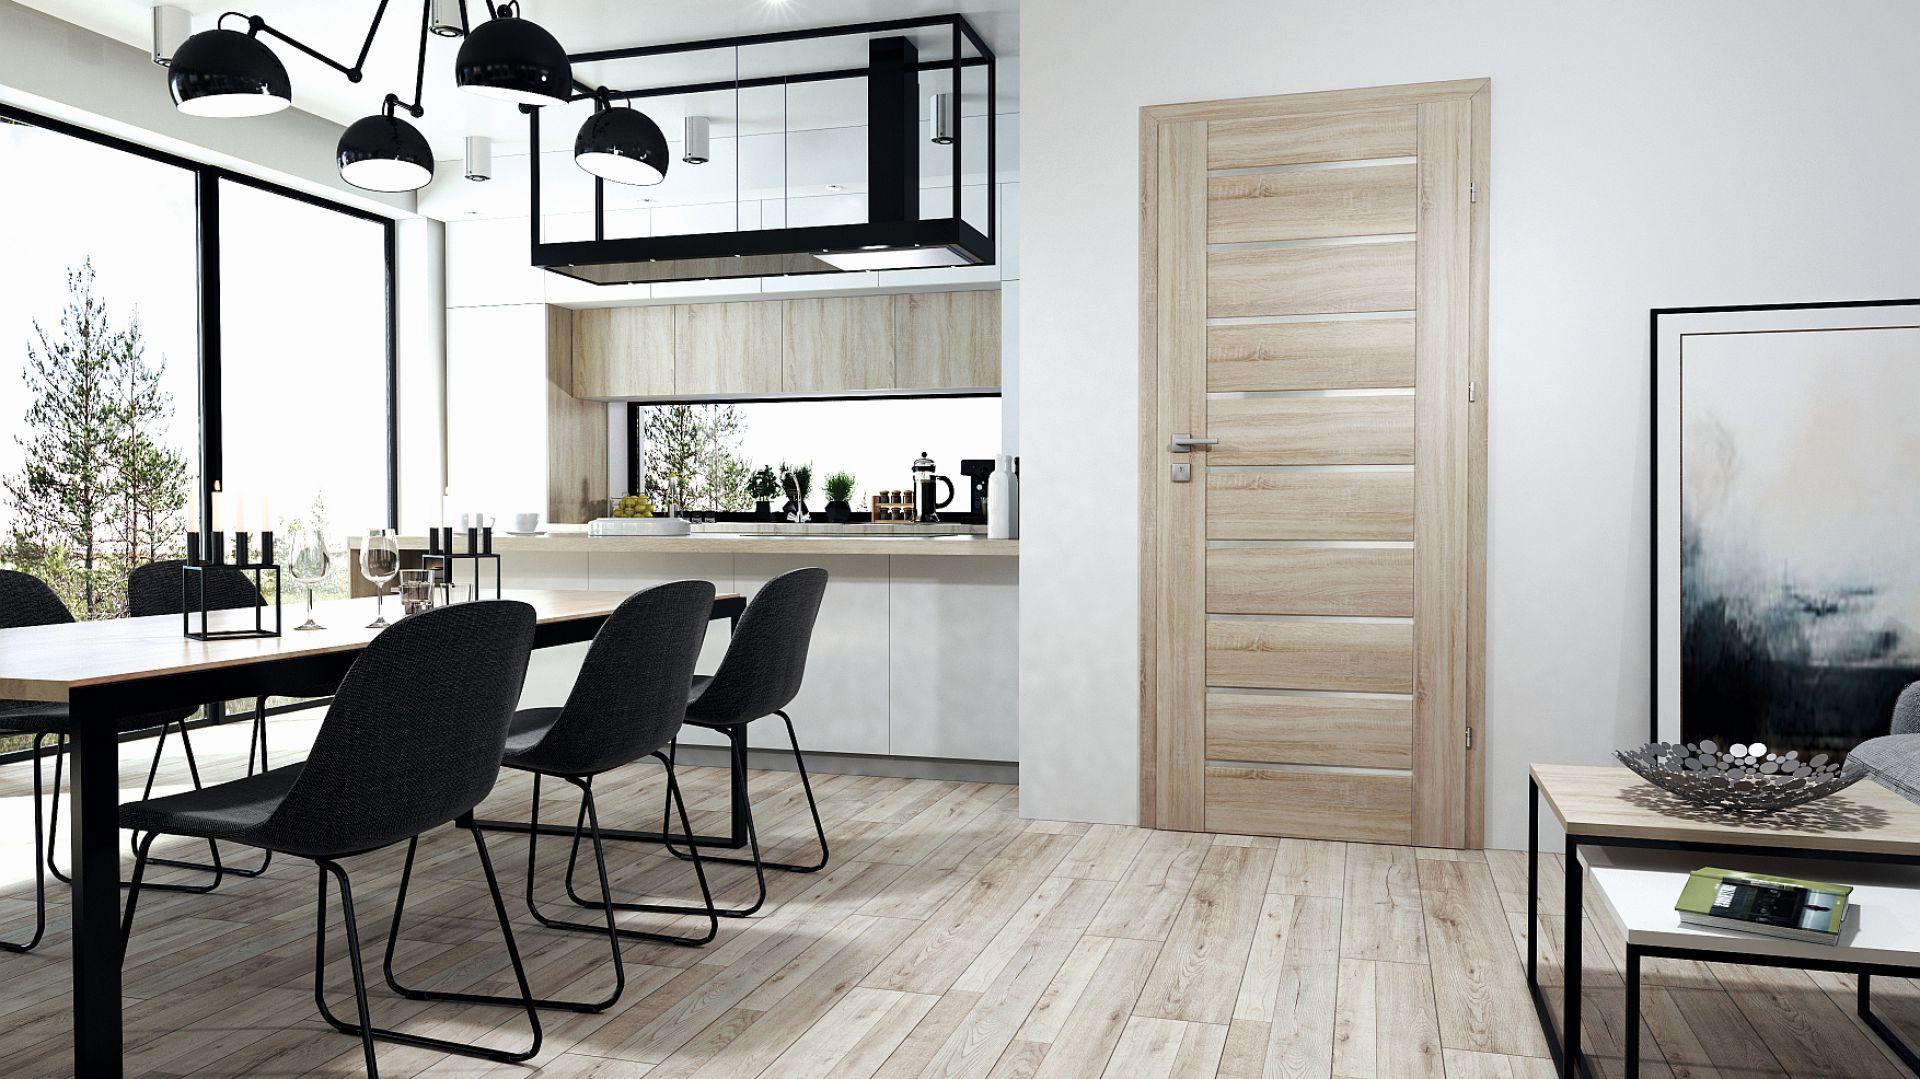 Drewnianą strukturę drzwi Sensa wzbogacają drobne, satynowe przeszklenia. Pozwalają wnikać światłu do wnętrza, sprzyjając ciepłej i kameralnej atmosferze. Drzwi są dostępne w ofercie firmy RuckZuck oraz w trzech rodzajach wykończeń: Primo, Iridium, 3D Look. Cena: od 527,67 zł. Fot. RuckZuck